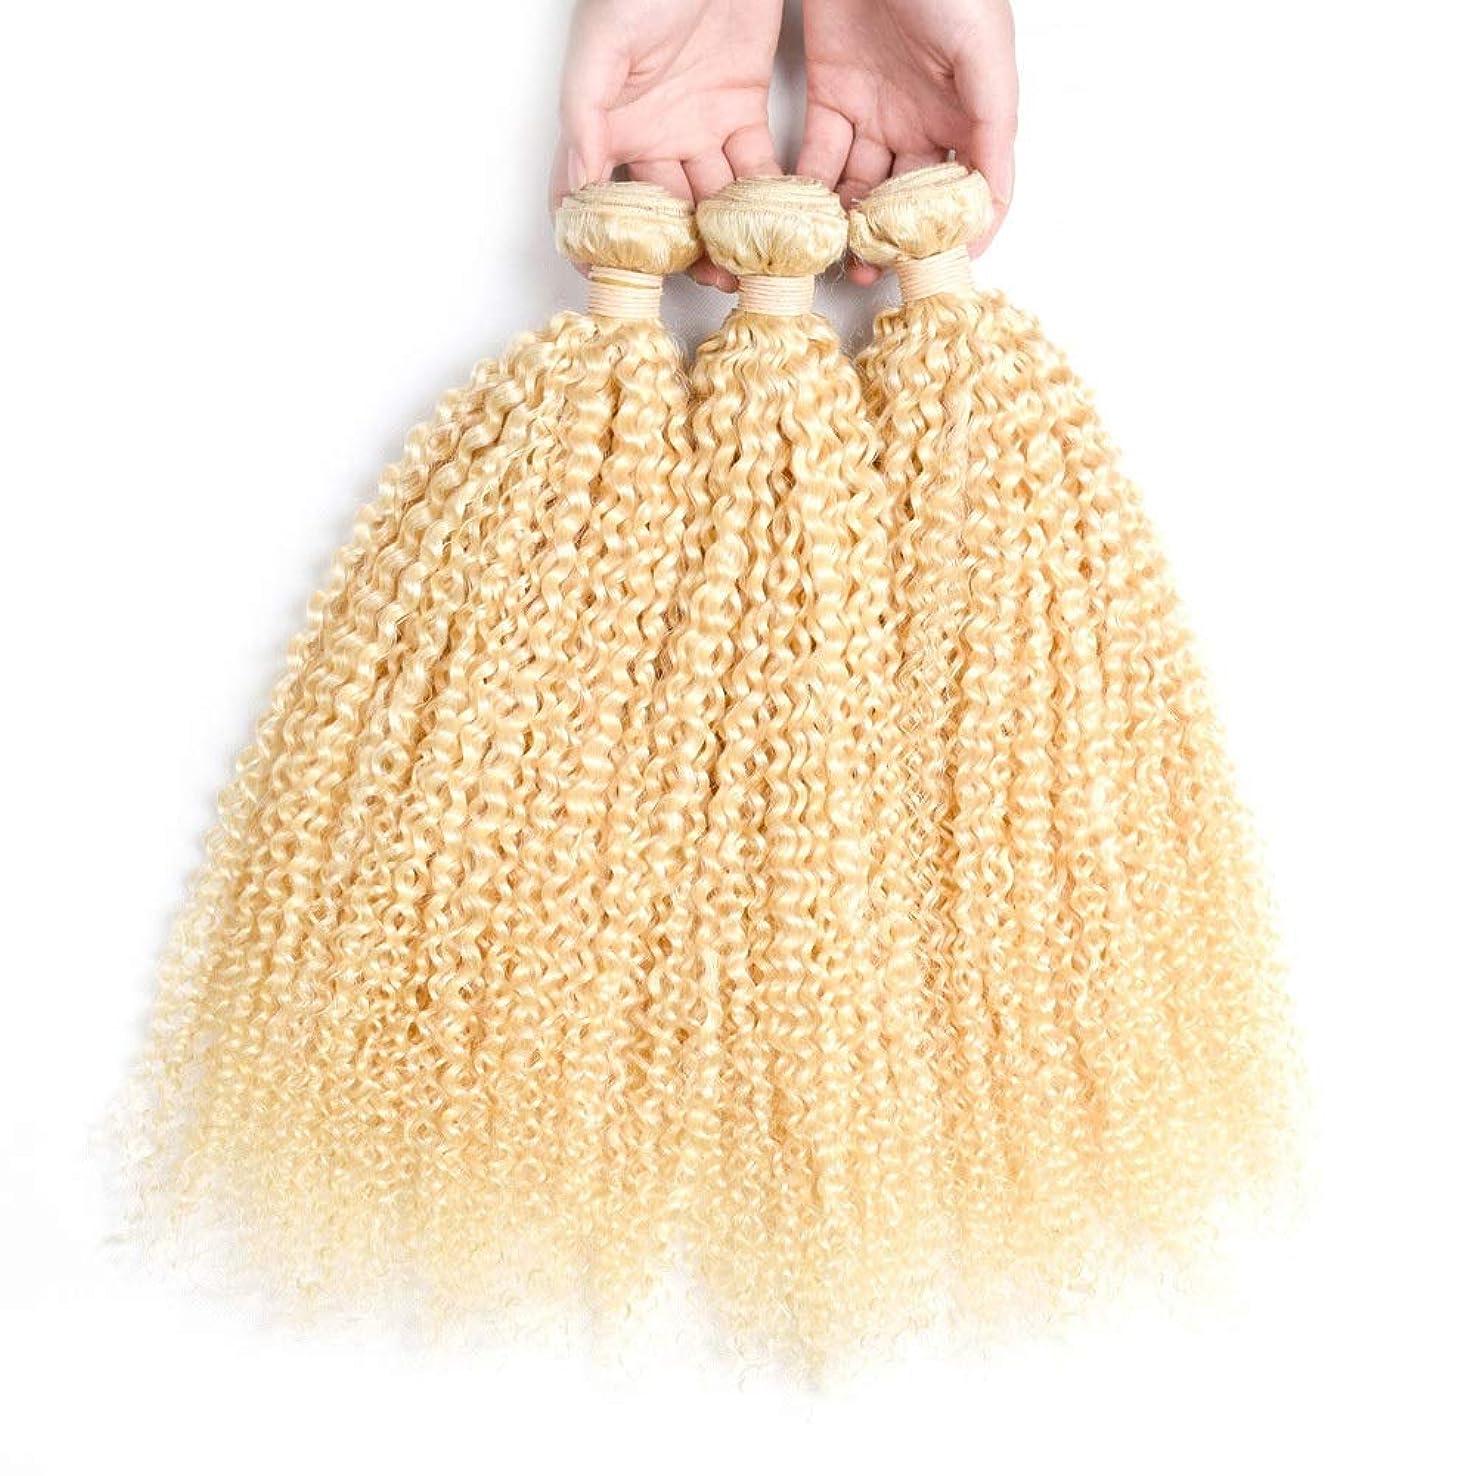 に対応する光沢不名誉なHOHYLLYA ブロンドの人間の髪織りバンドル本物の変態カーリーヘアエクステンション横糸 - #613ブロンドの髪(1バンドル、10-26インチ、100g)ブロンドのかつら (色 : Blonde, サイズ : 10 inch)